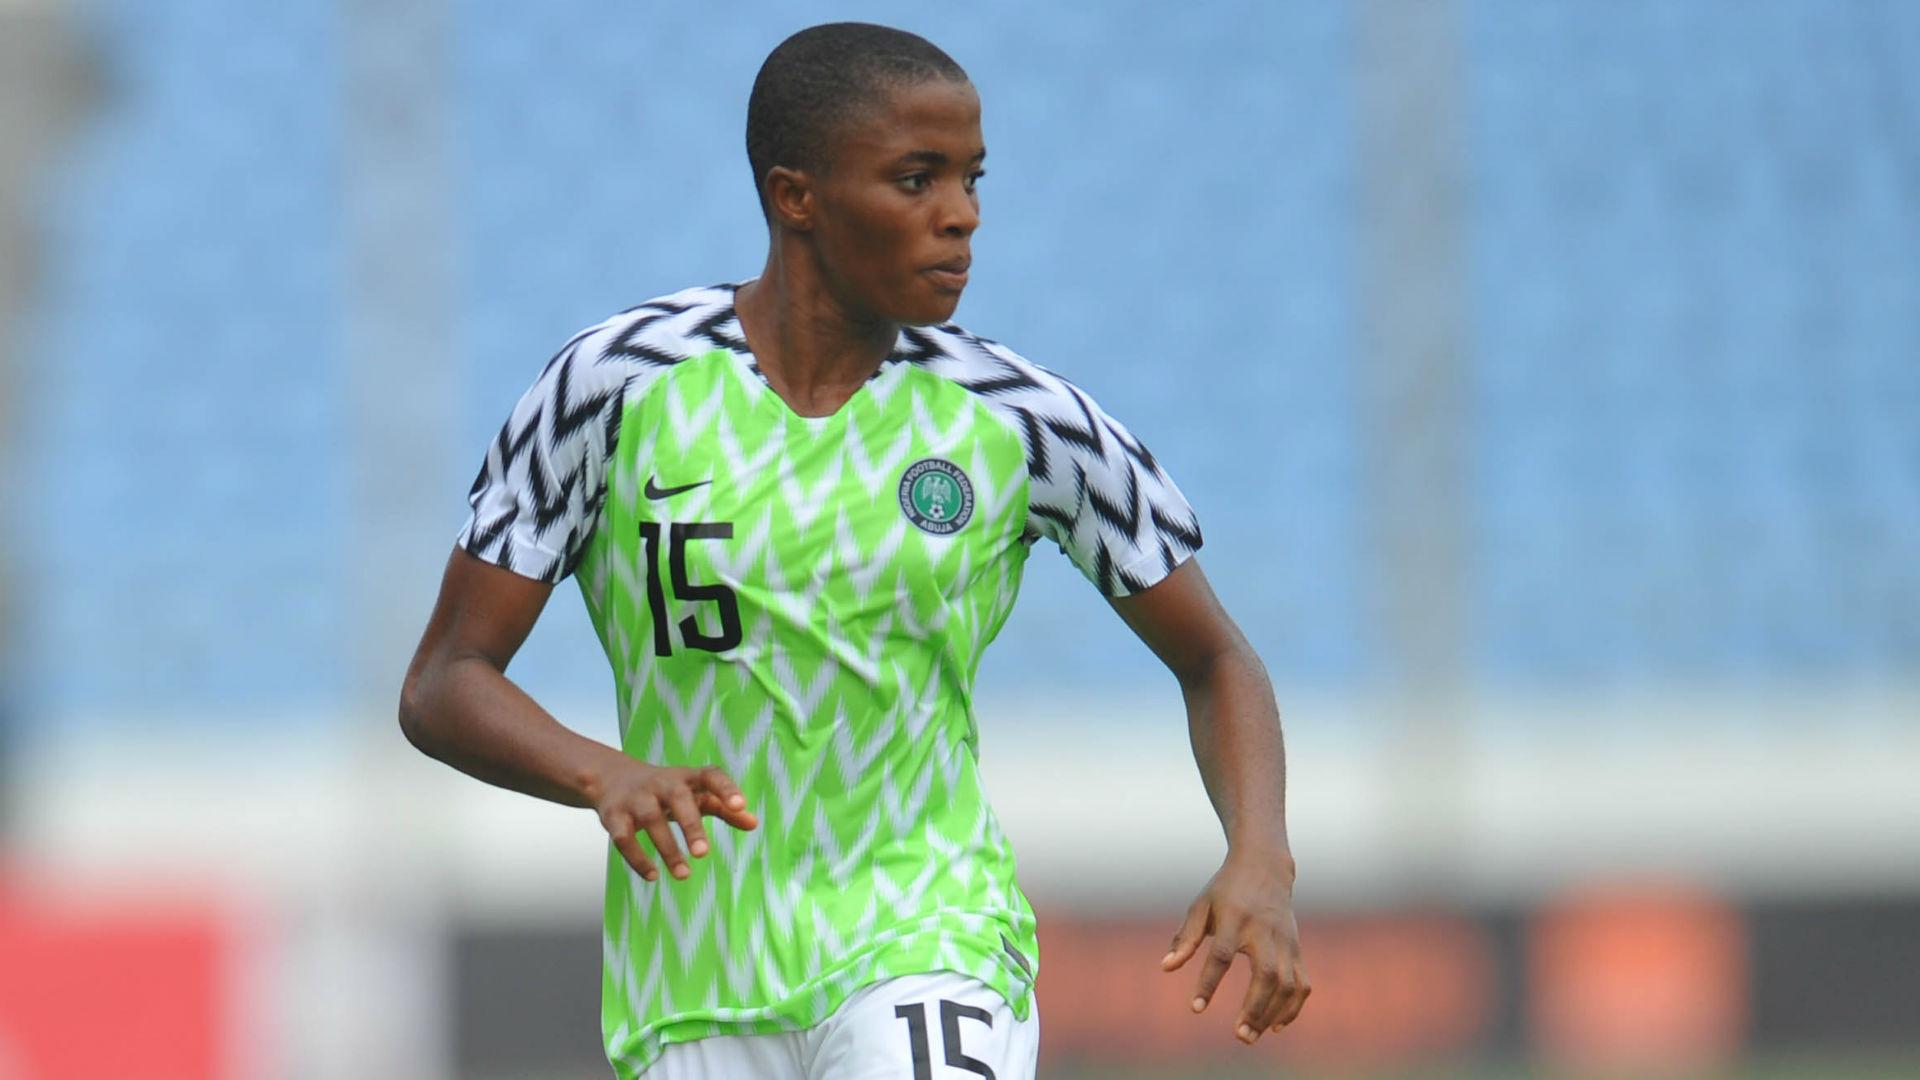 Nigeria striker Ajibade the heroine as Avaldsnes pip Arna-Bjornar